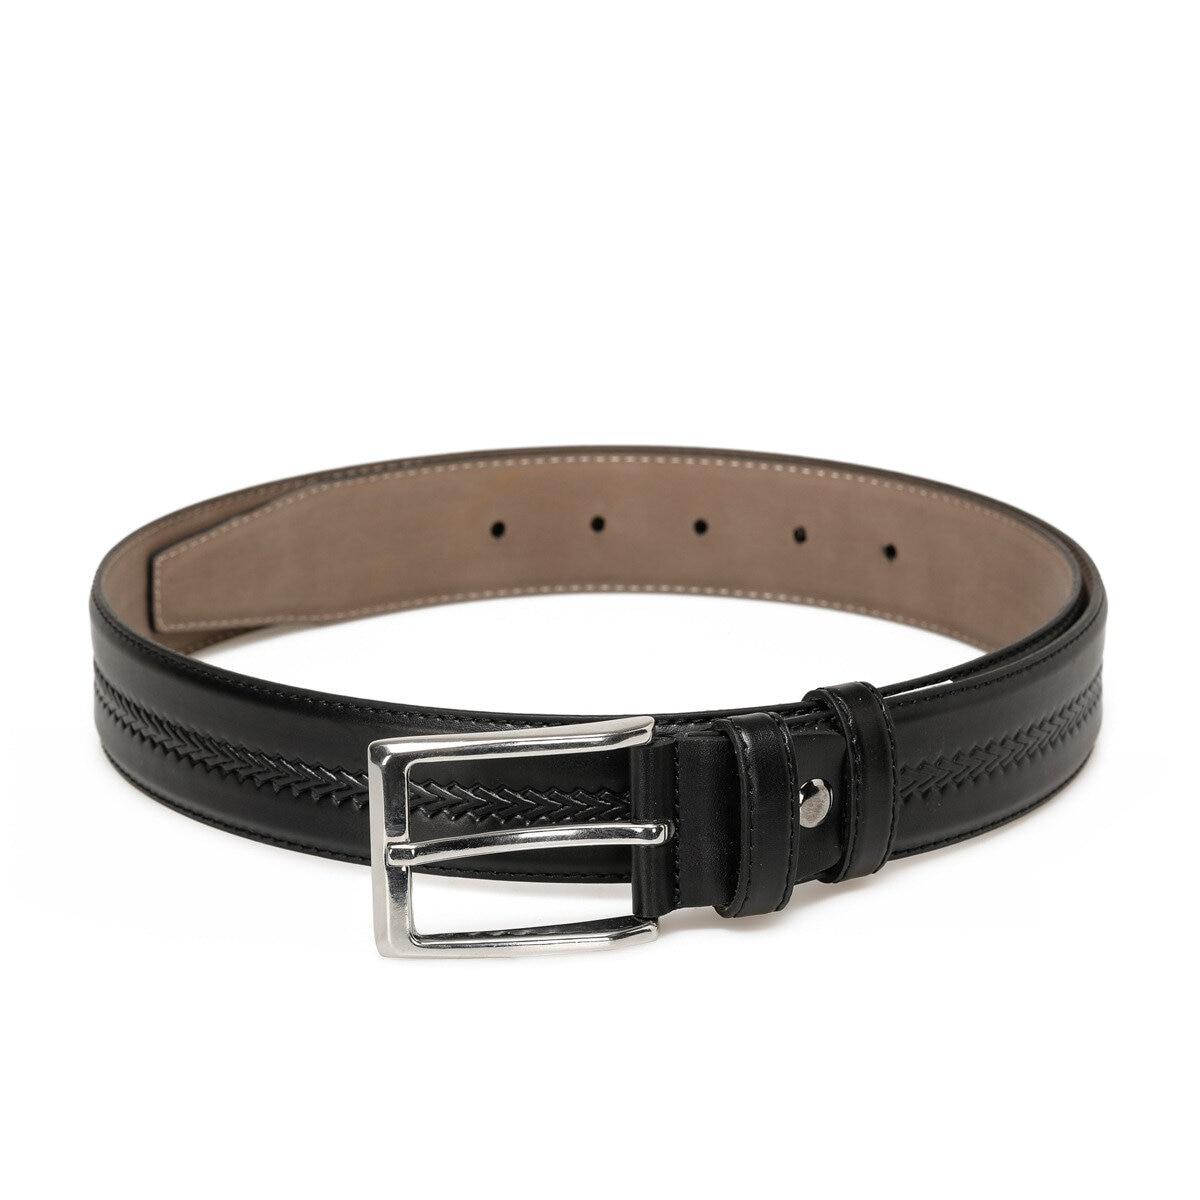 FLO 20M VZY NET Black Male Belt Garamond